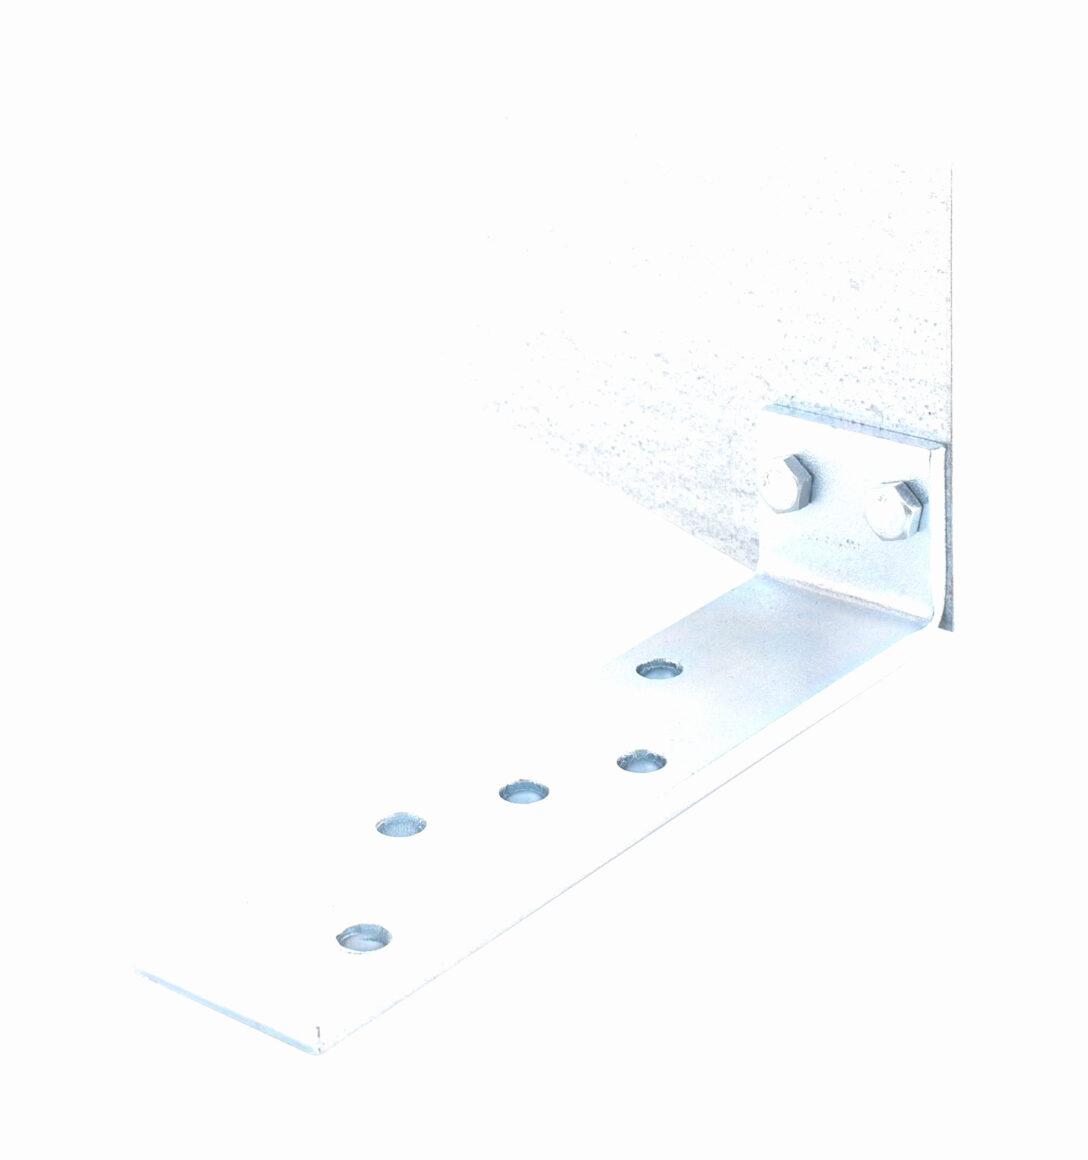 Large Size of Ersatzteile Velux Fenster Velufenster Scheibentausch Bei Einem Veludachfenster Gardinen Schräge Abdunkeln Kunststoff Polnische Jalousien Online Konfigurator Wohnzimmer Ersatzteile Velux Fenster